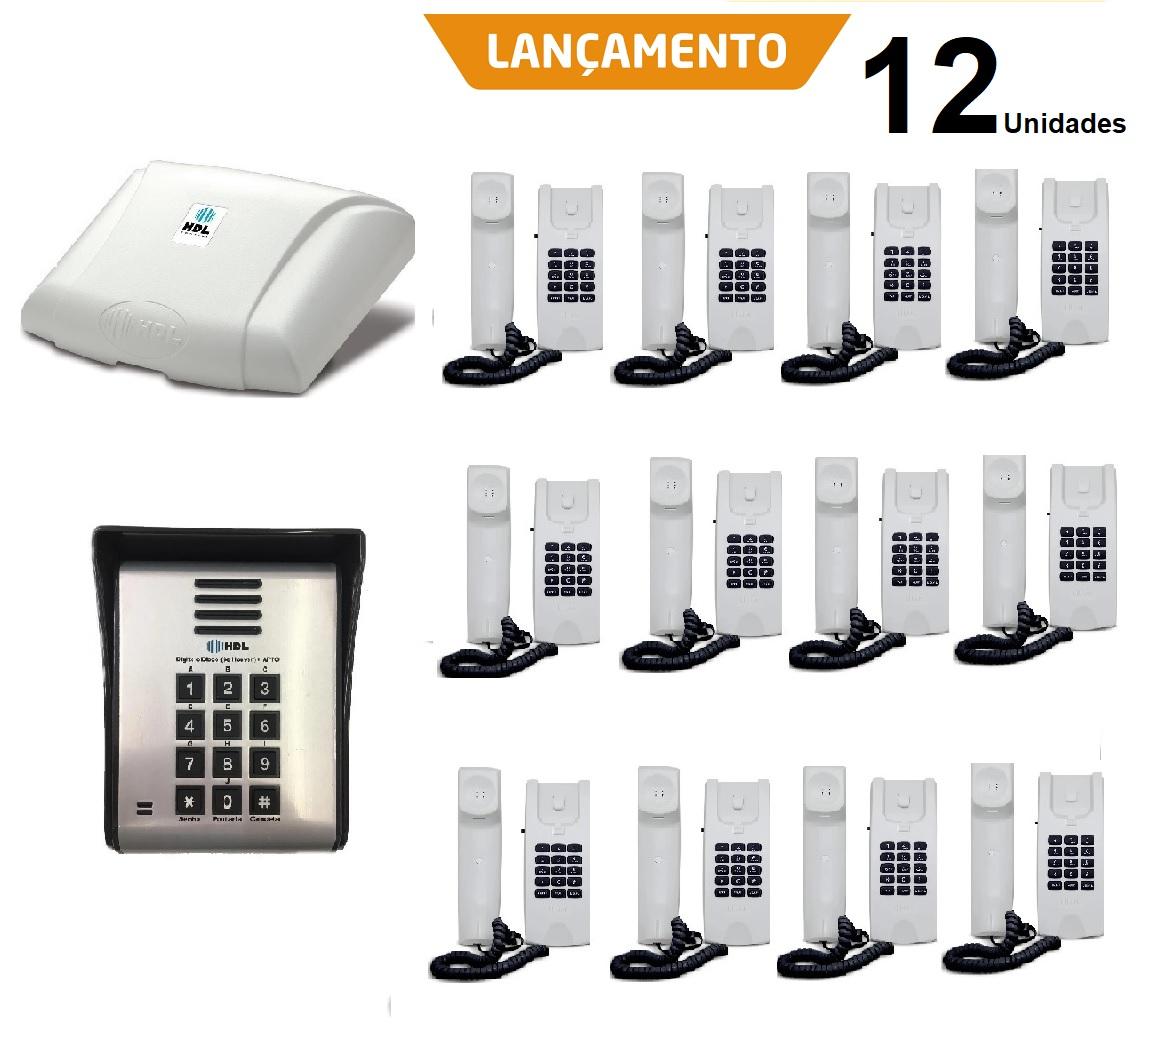 Kit interfonia completo HDL 12  terminal, porteiro eletrônico com controle por senha